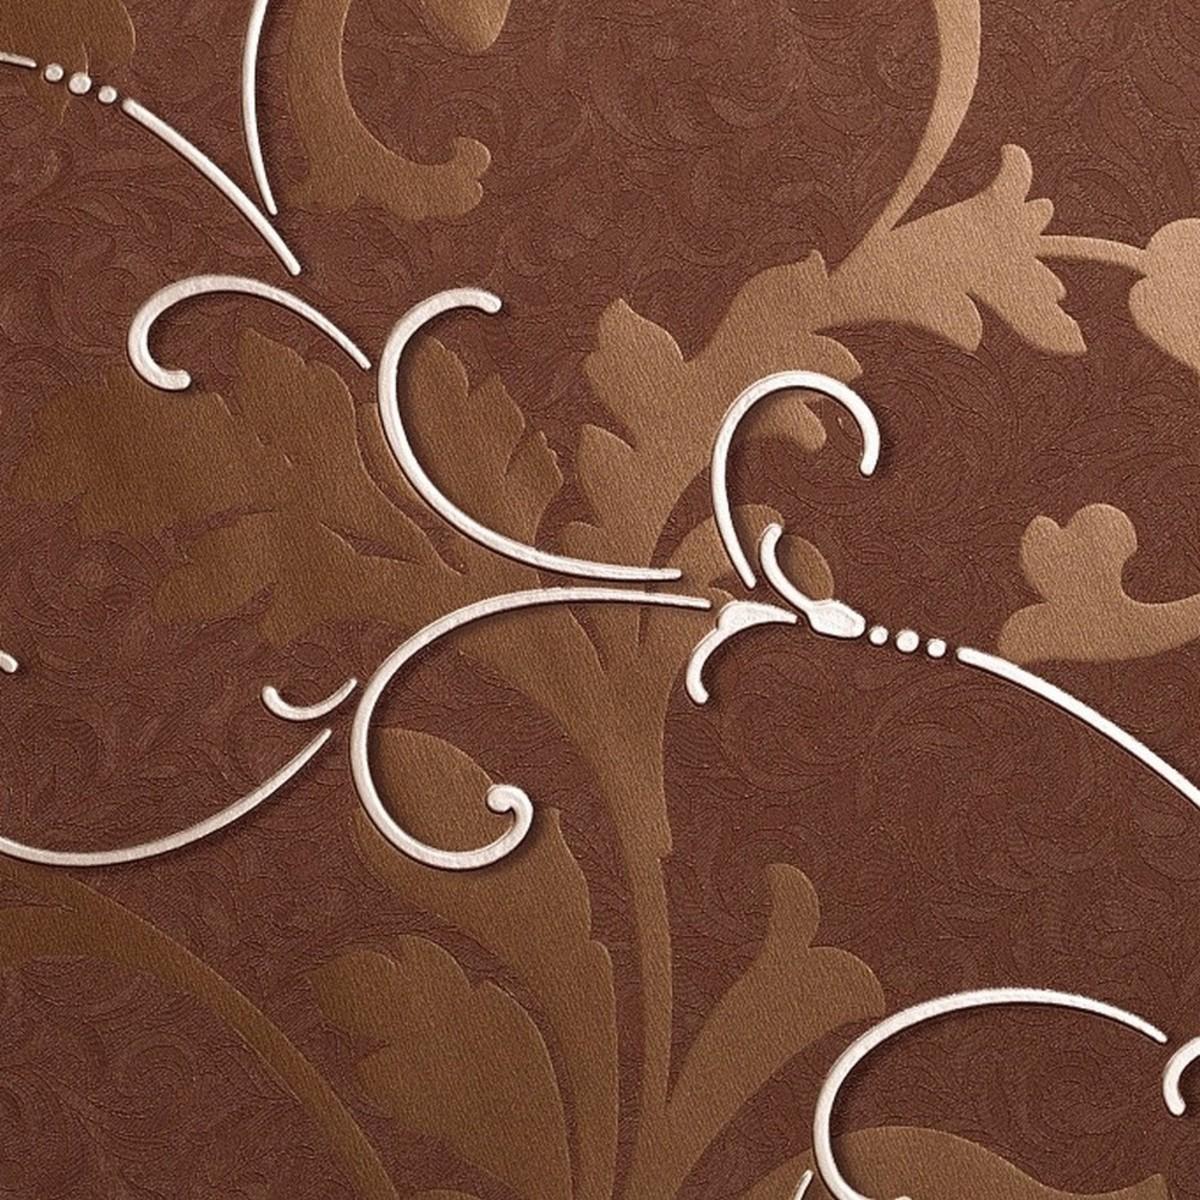 Обои флизелиновые Палитра коричневые 1.06 м PL71161-88